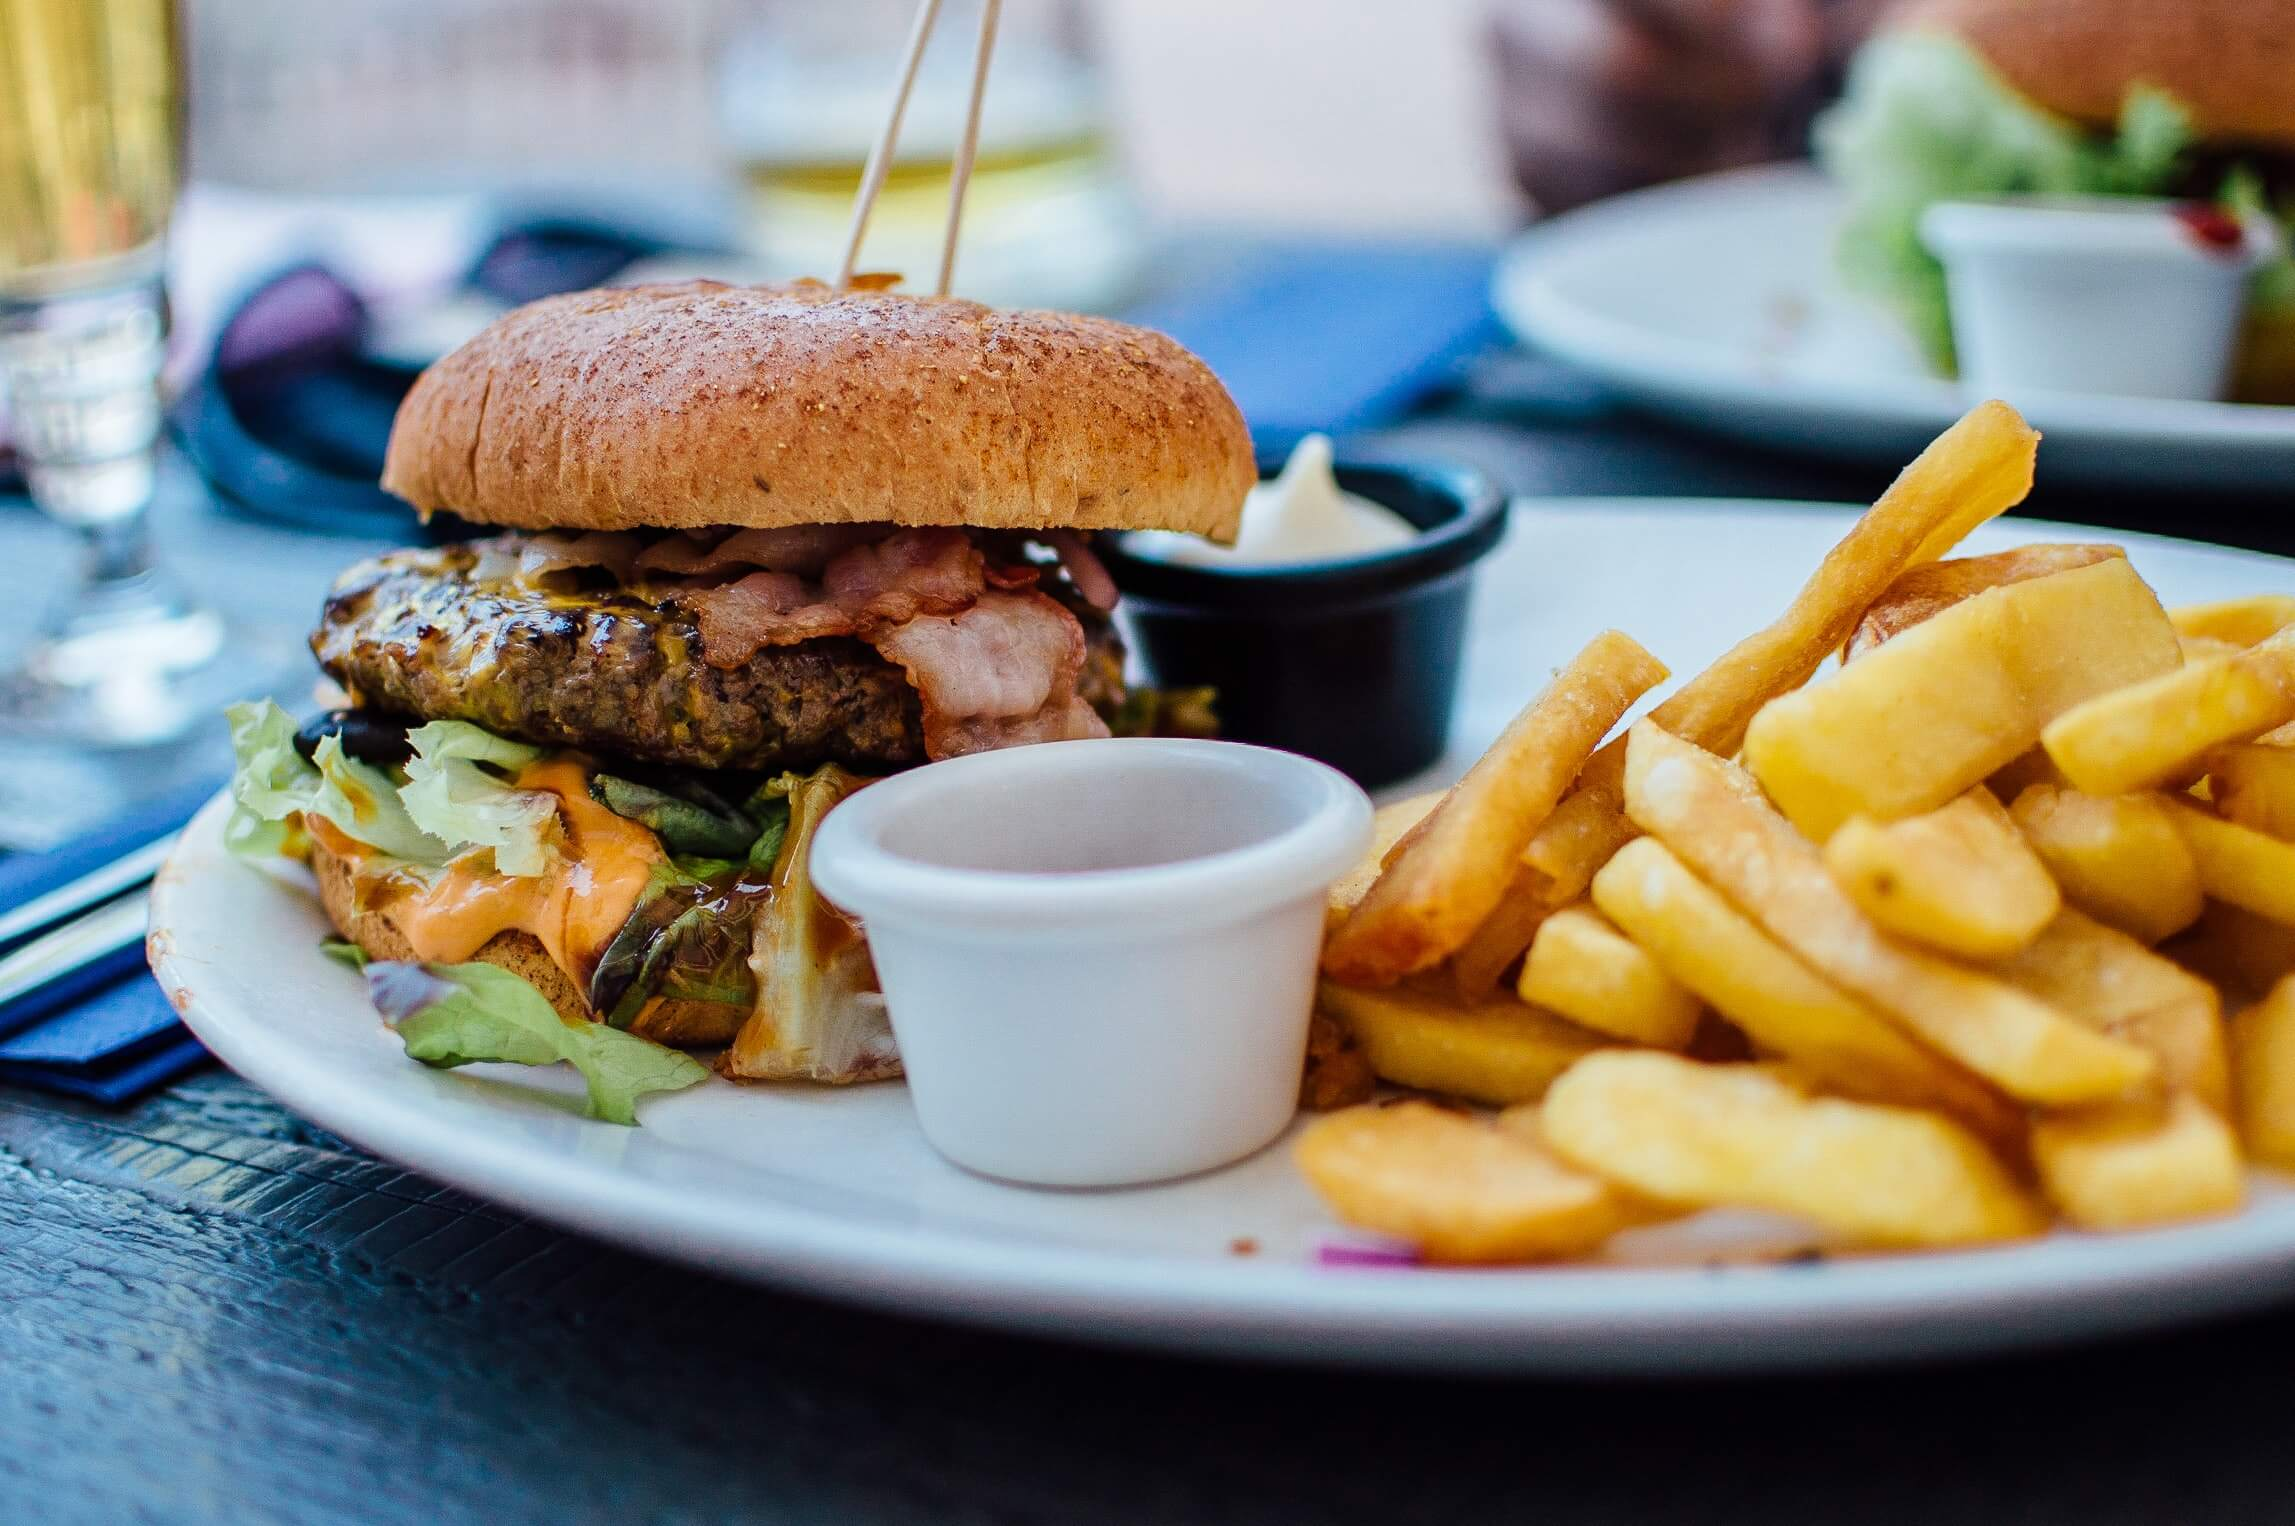 burger and fries Vienna restaurants